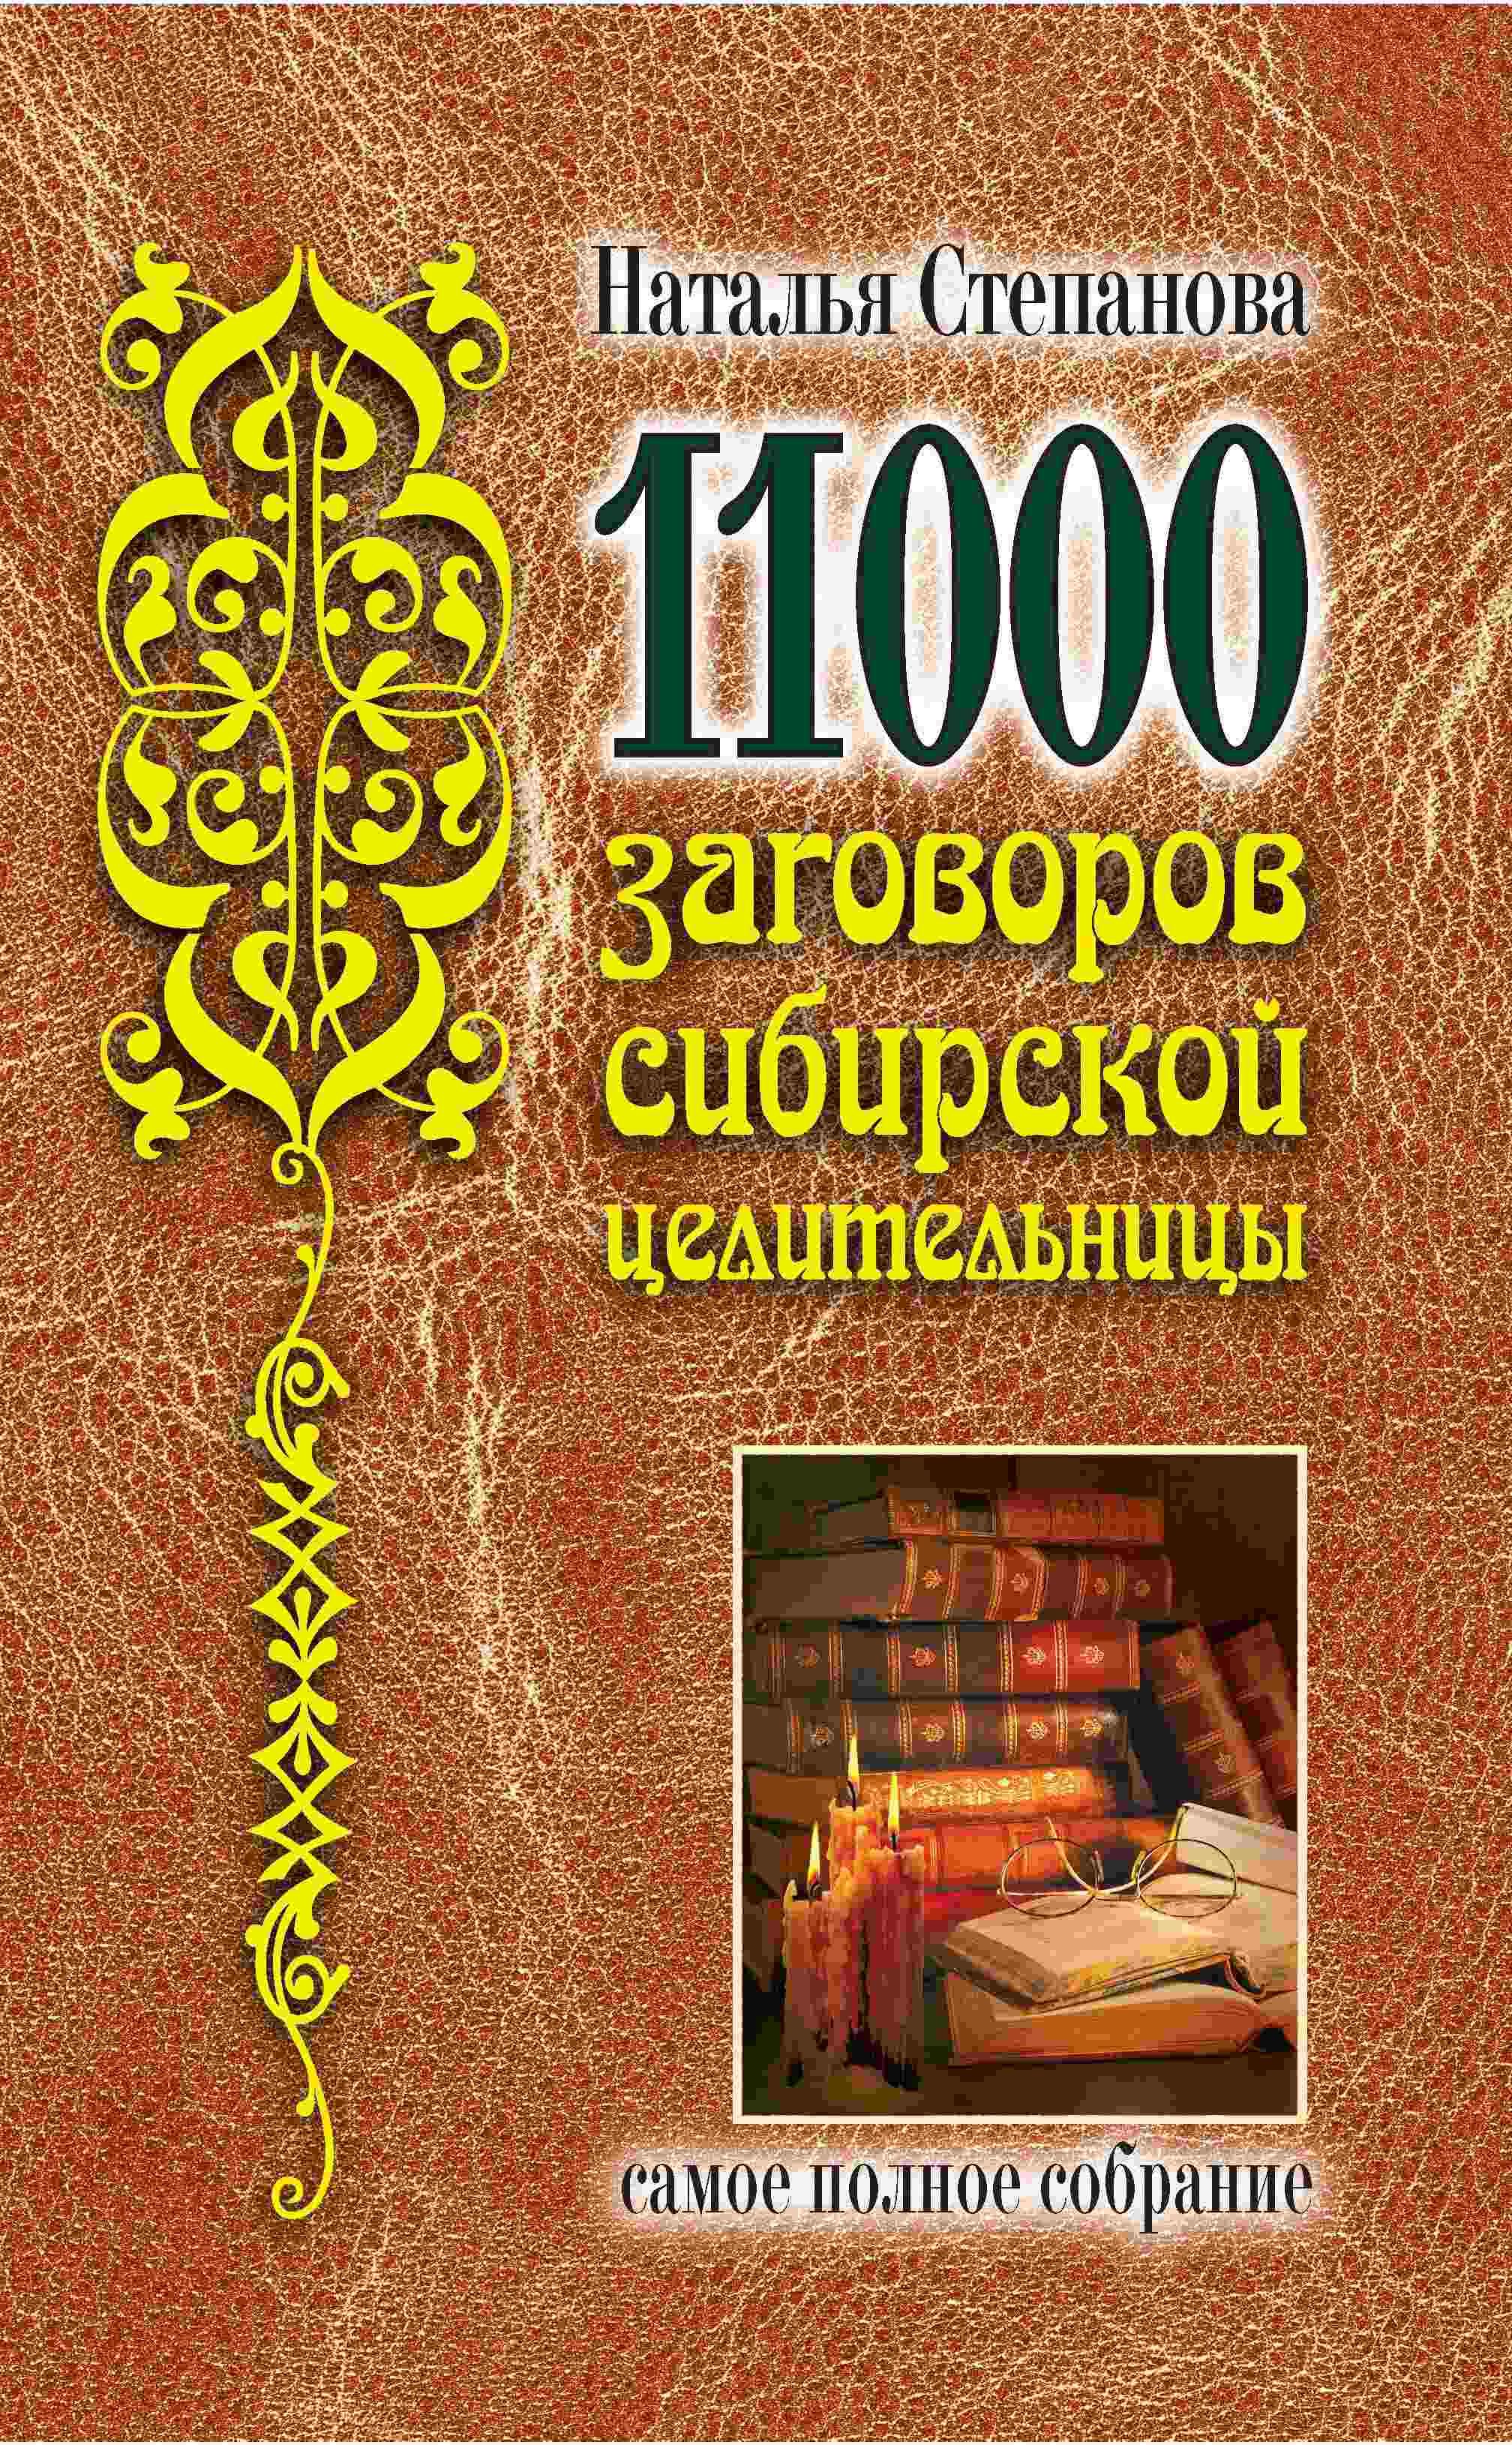 Наталья Степанова 11000 заговоров сибирской целительницы баженова м 500 заговоров уральской целительницы на деньги…